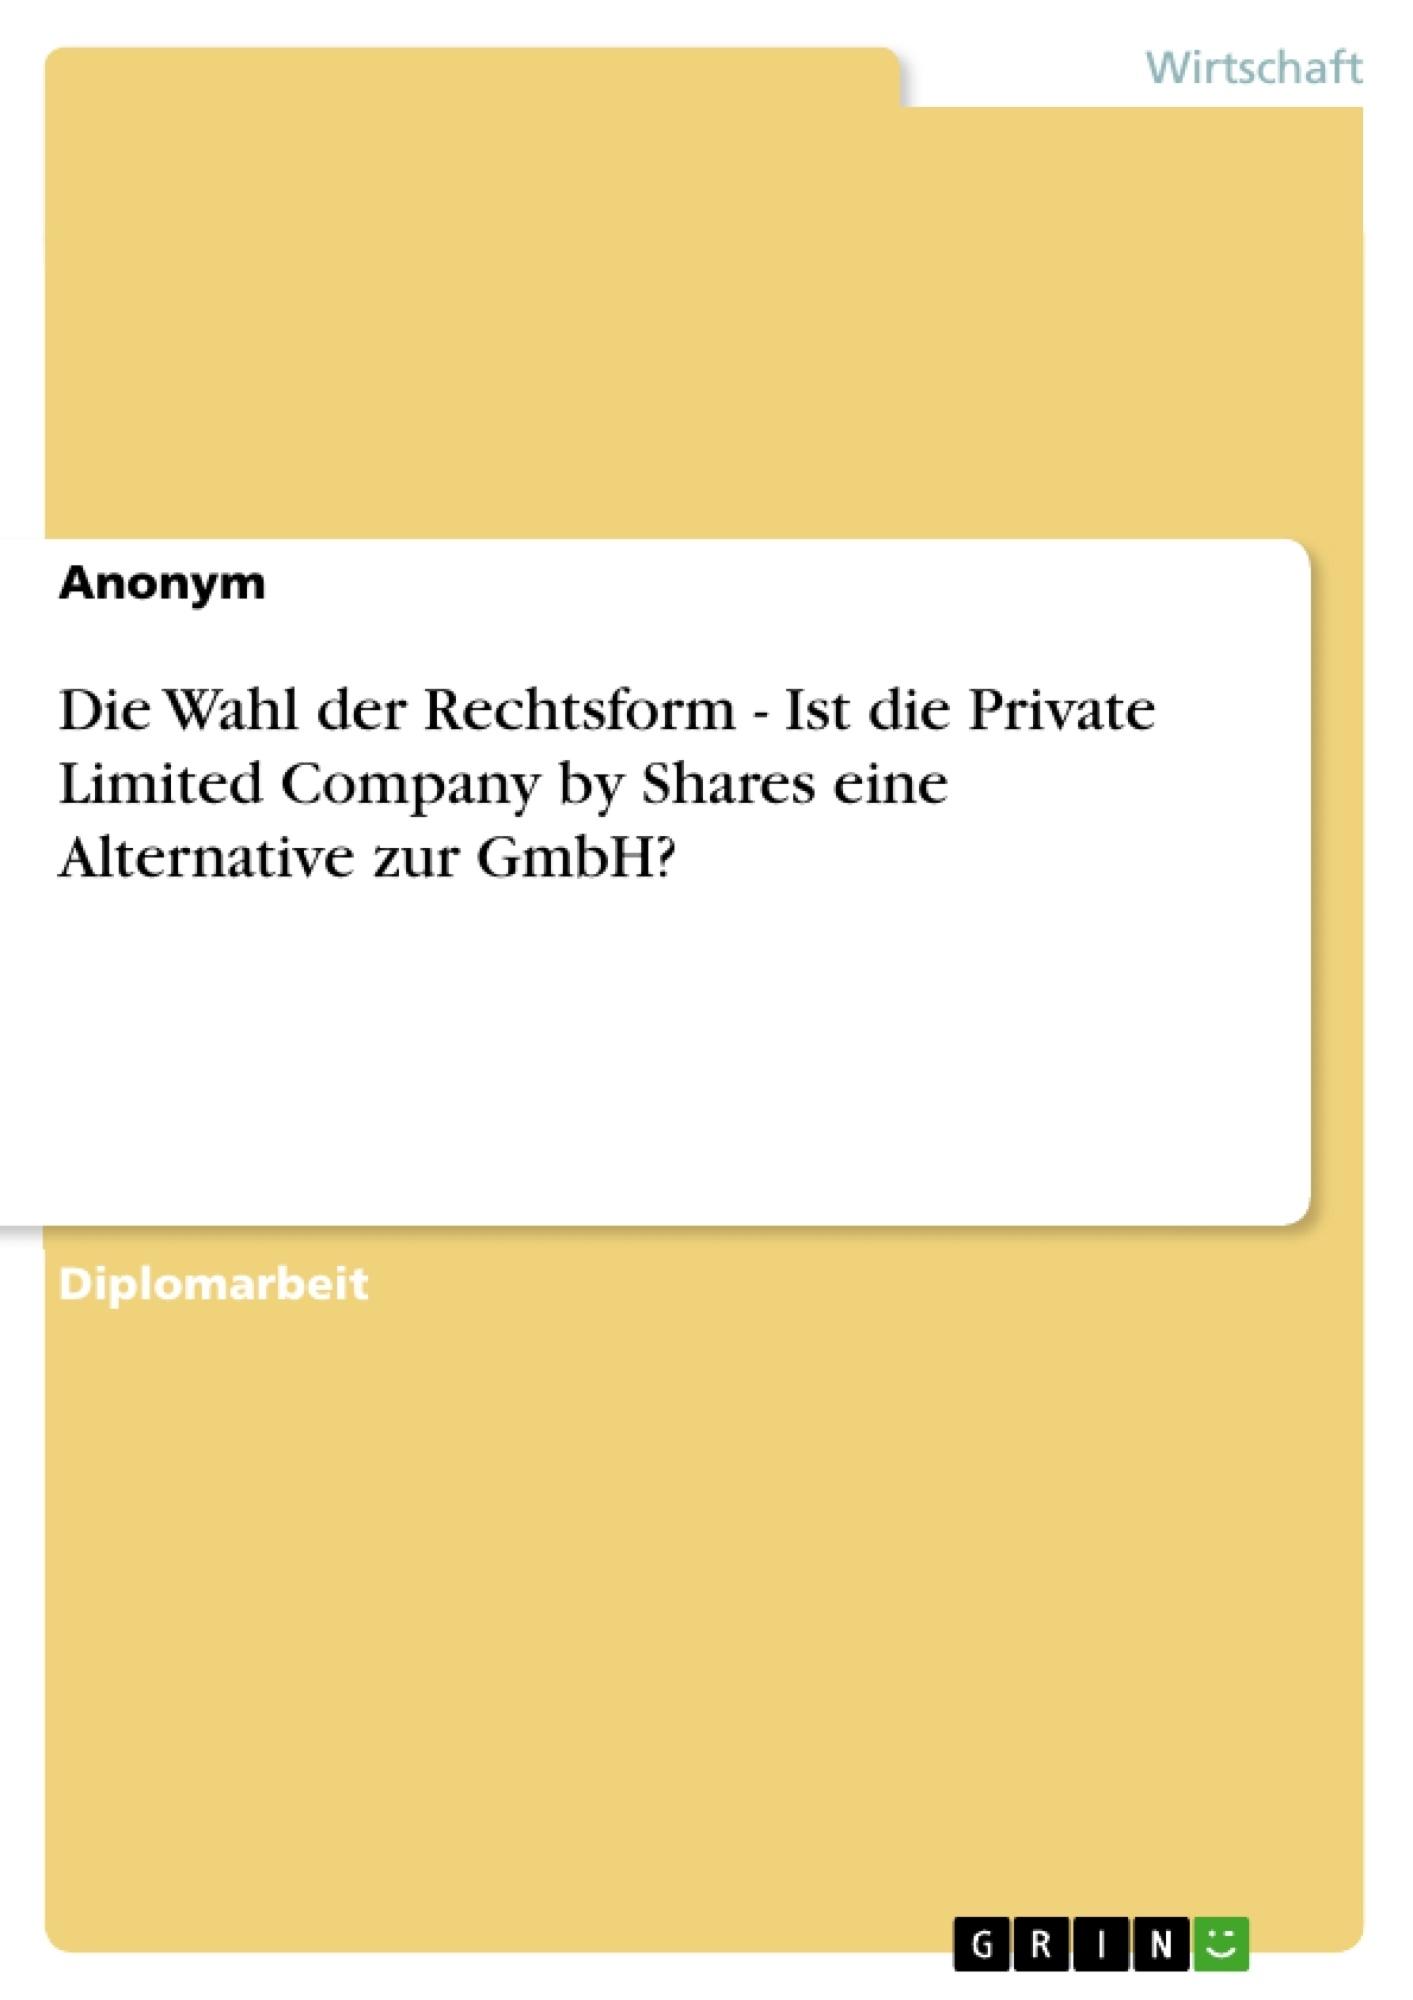 Titel: Die Wahl der Rechtsform - Ist die Private Limited Company by Shares eine Alternative zur GmbH?